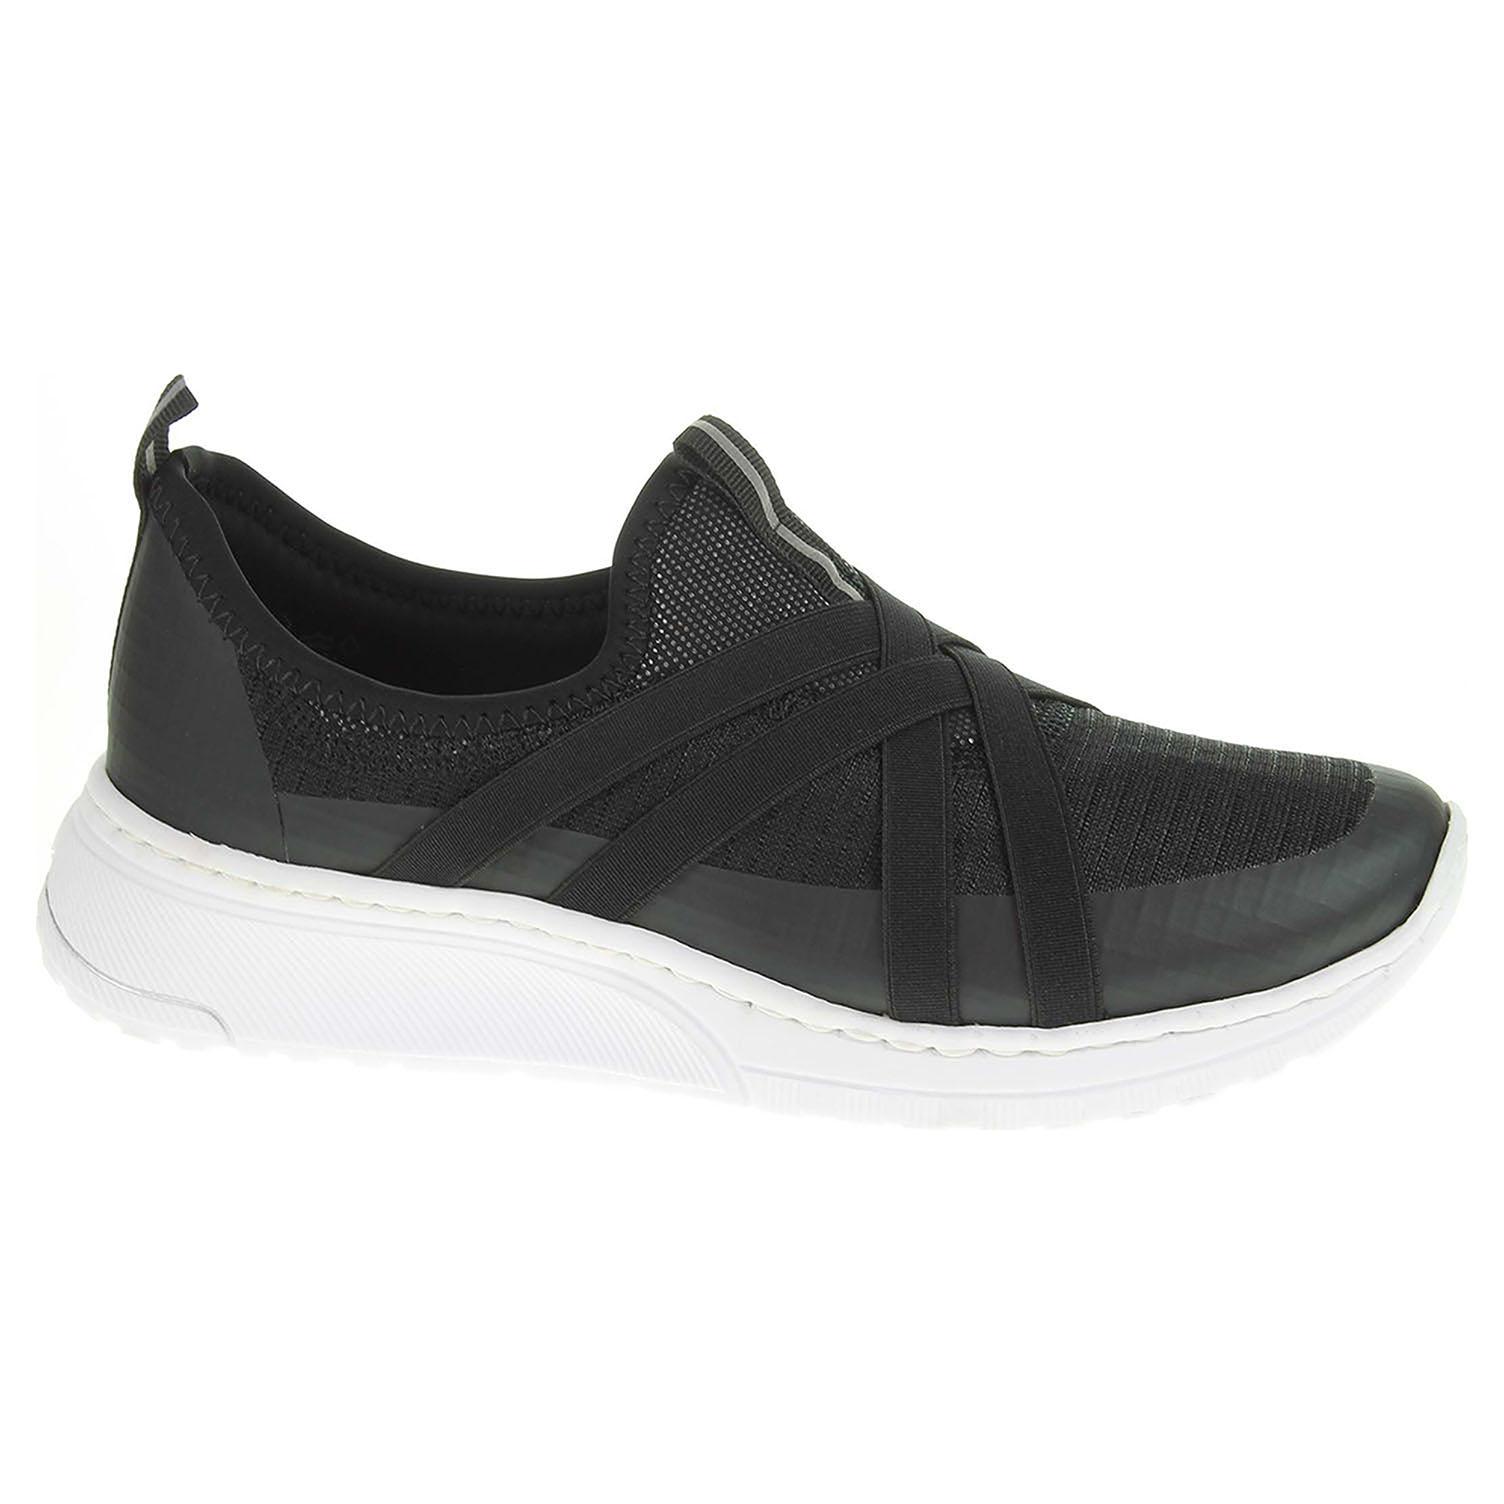 5cbadd32adb90 Dámska topánky Rieker N5050-01 schwarz | REJNOK obuv